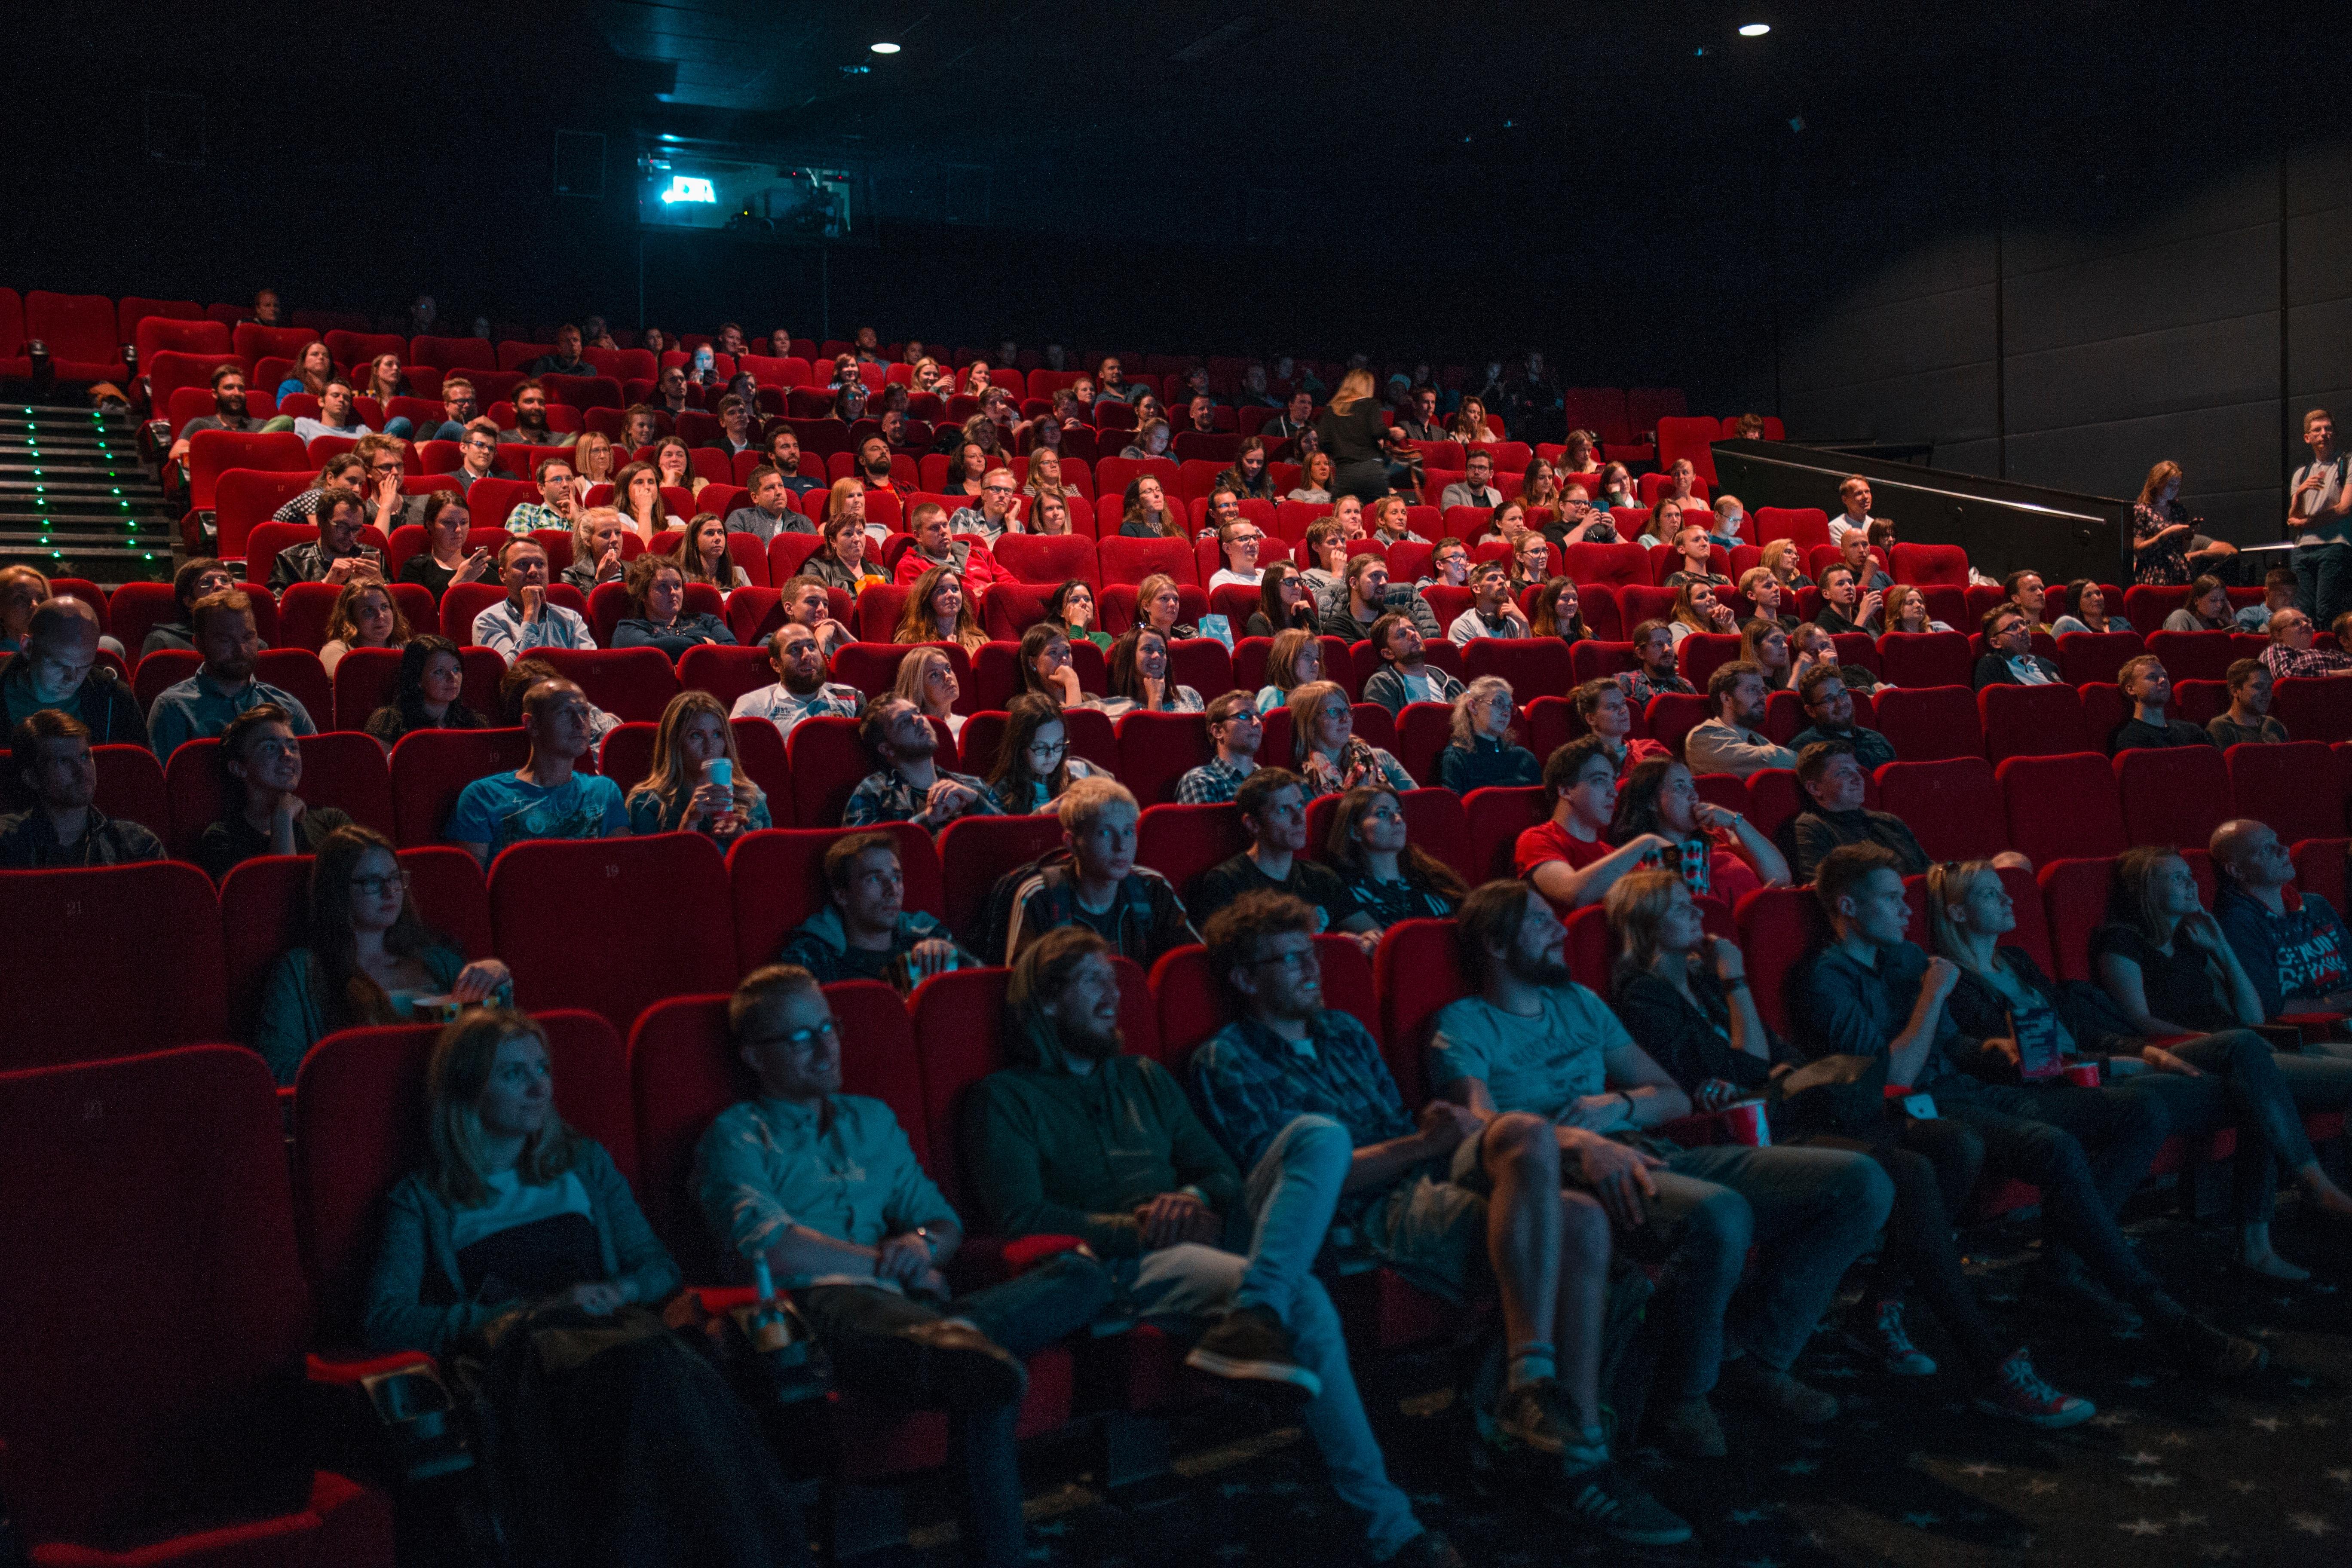 Cinema audience, photo by Krists Luhaers on Unsplash